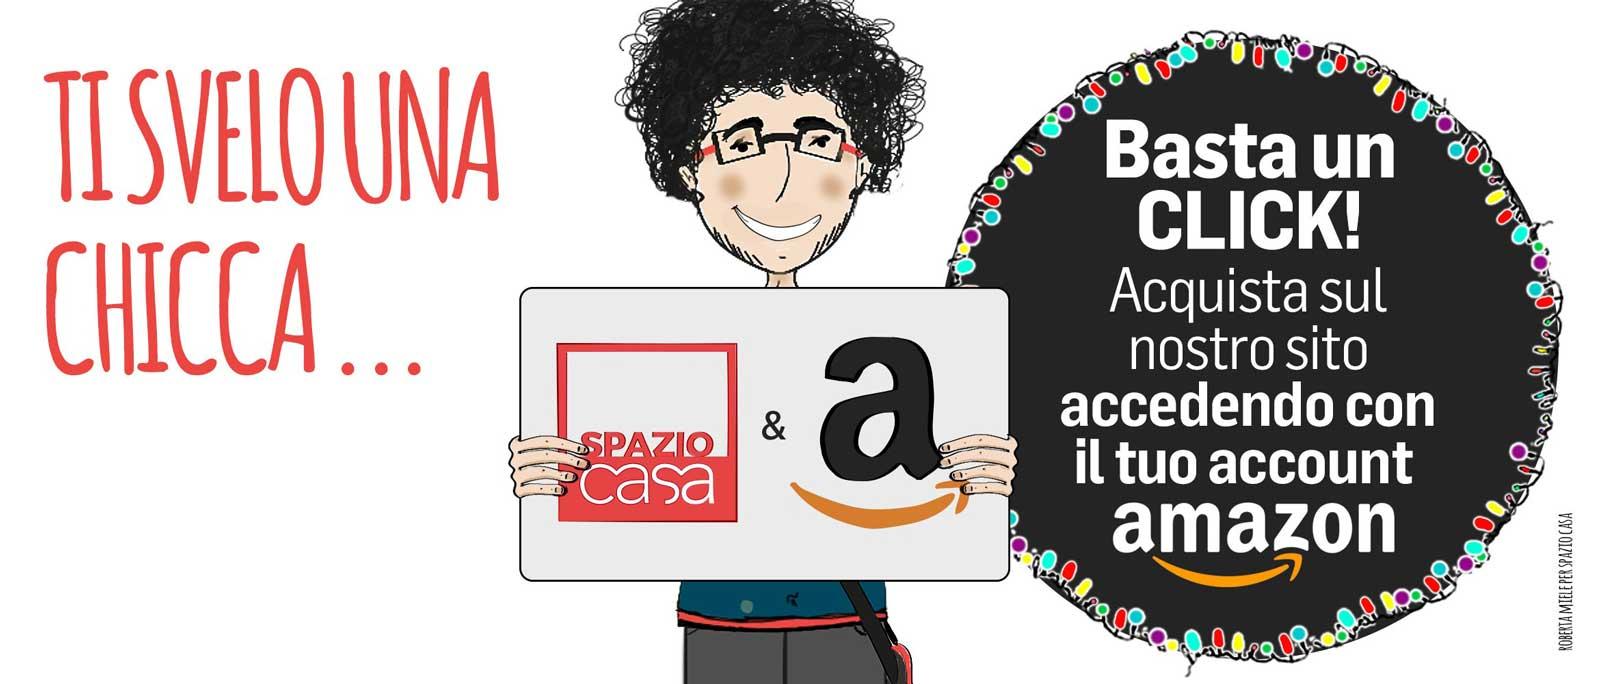 Spazio Casa & Amazon